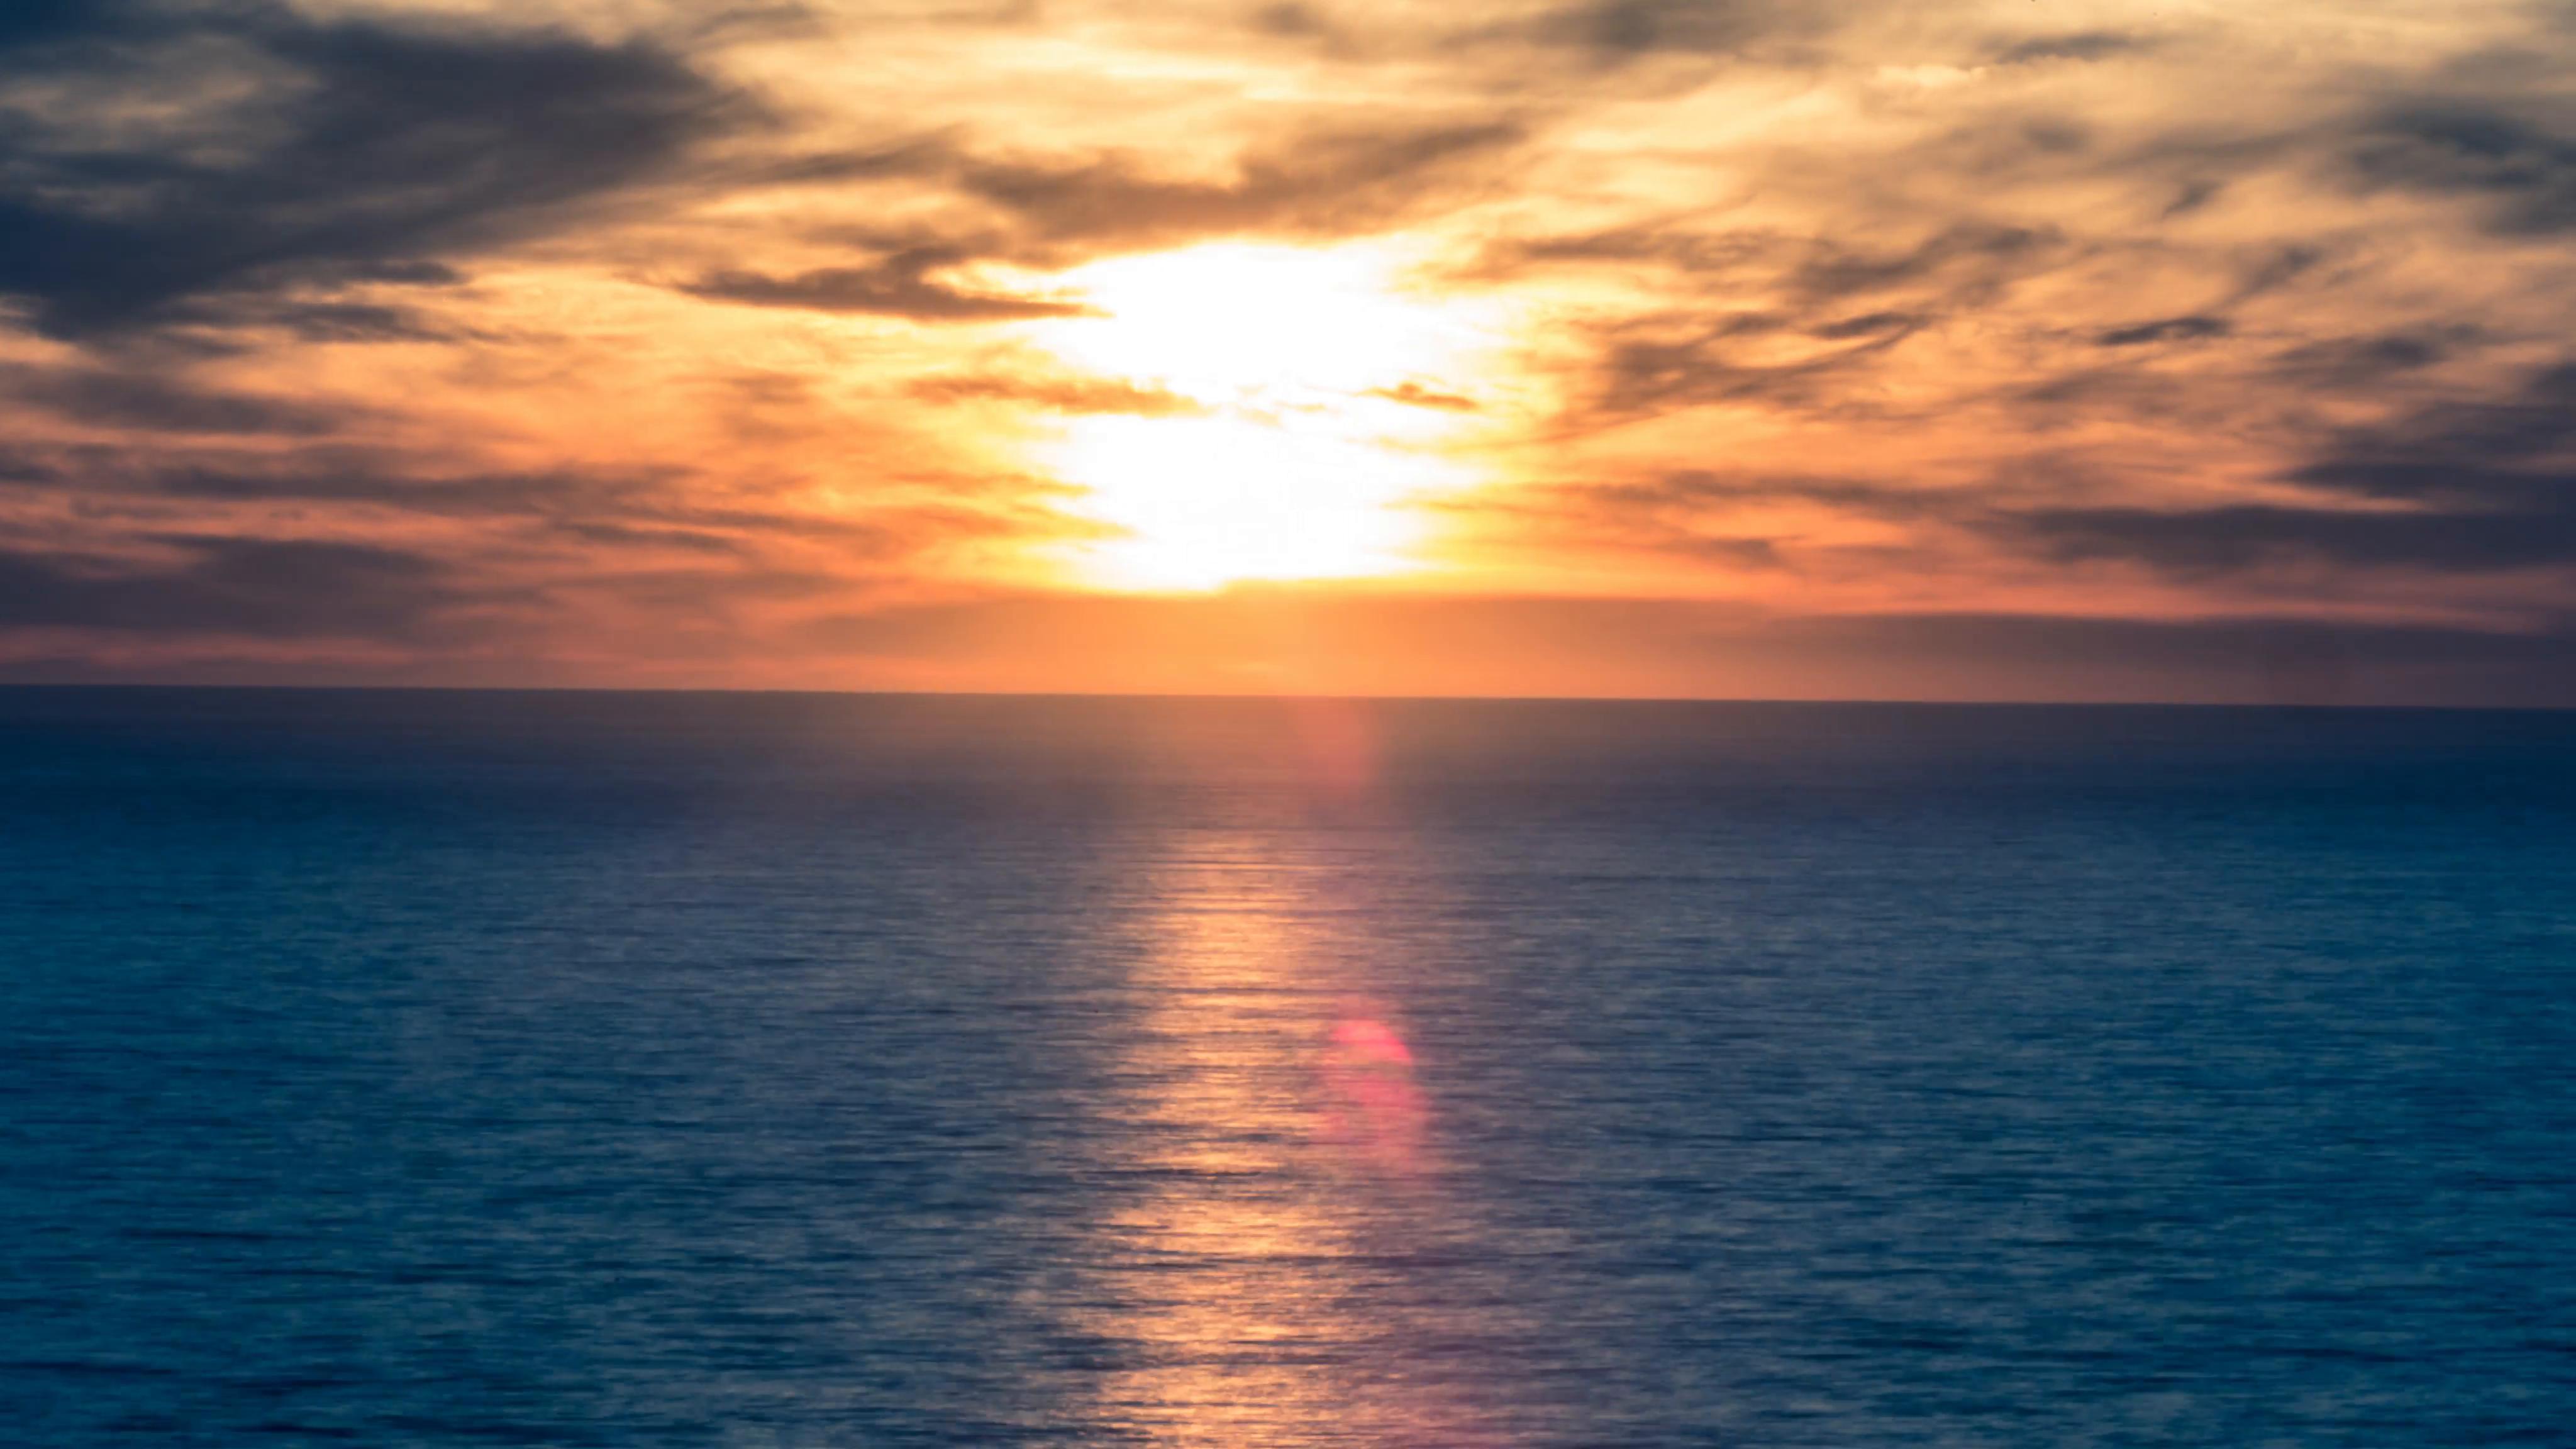 Sunset over Blue Ocean - Timelapse Sun Setting Orange Sky 4K Time ...